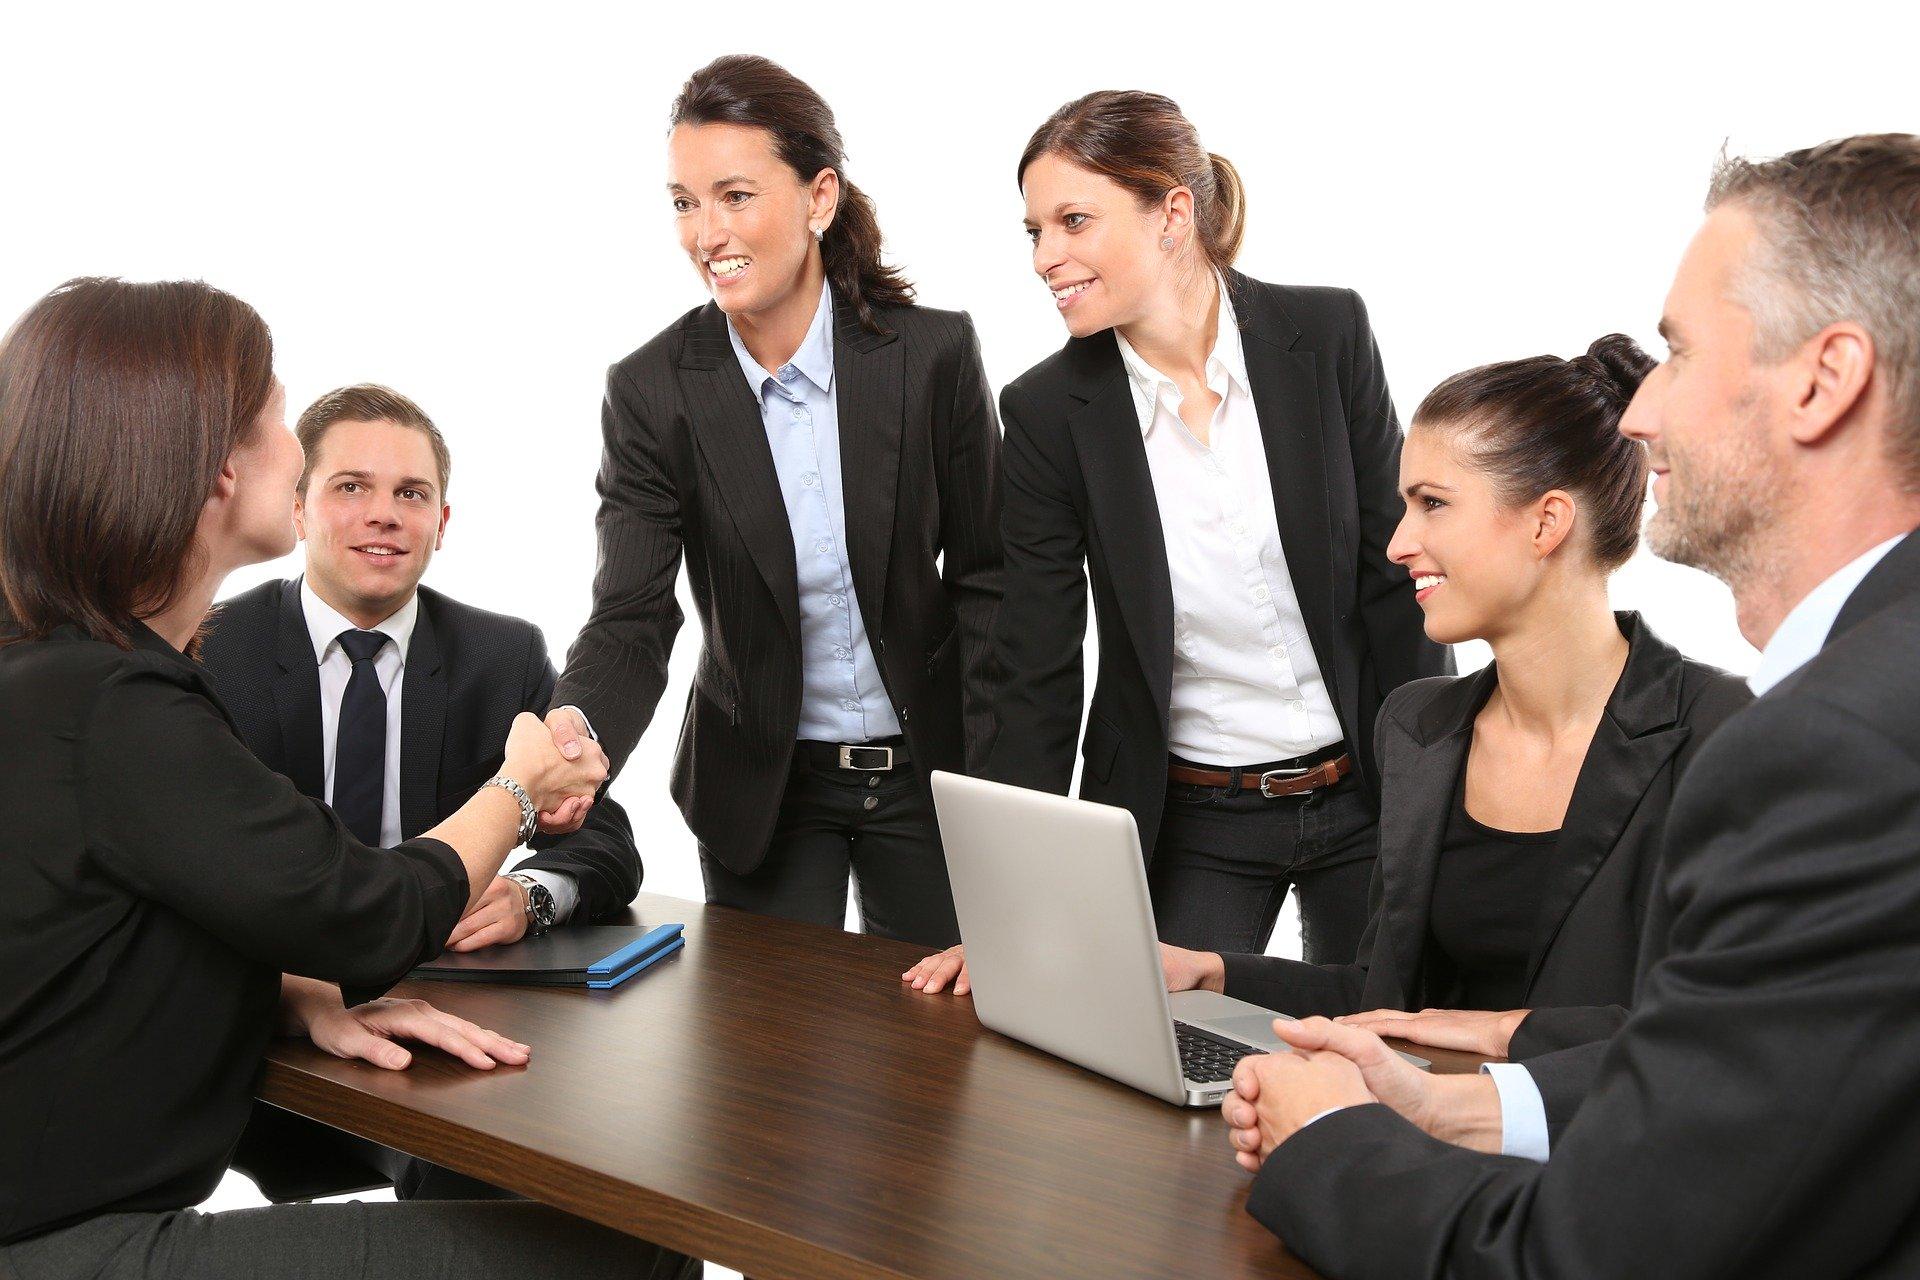 就活で私服を指定された場合のNG服装とおすすめコーデ6選を男女別に紹介!